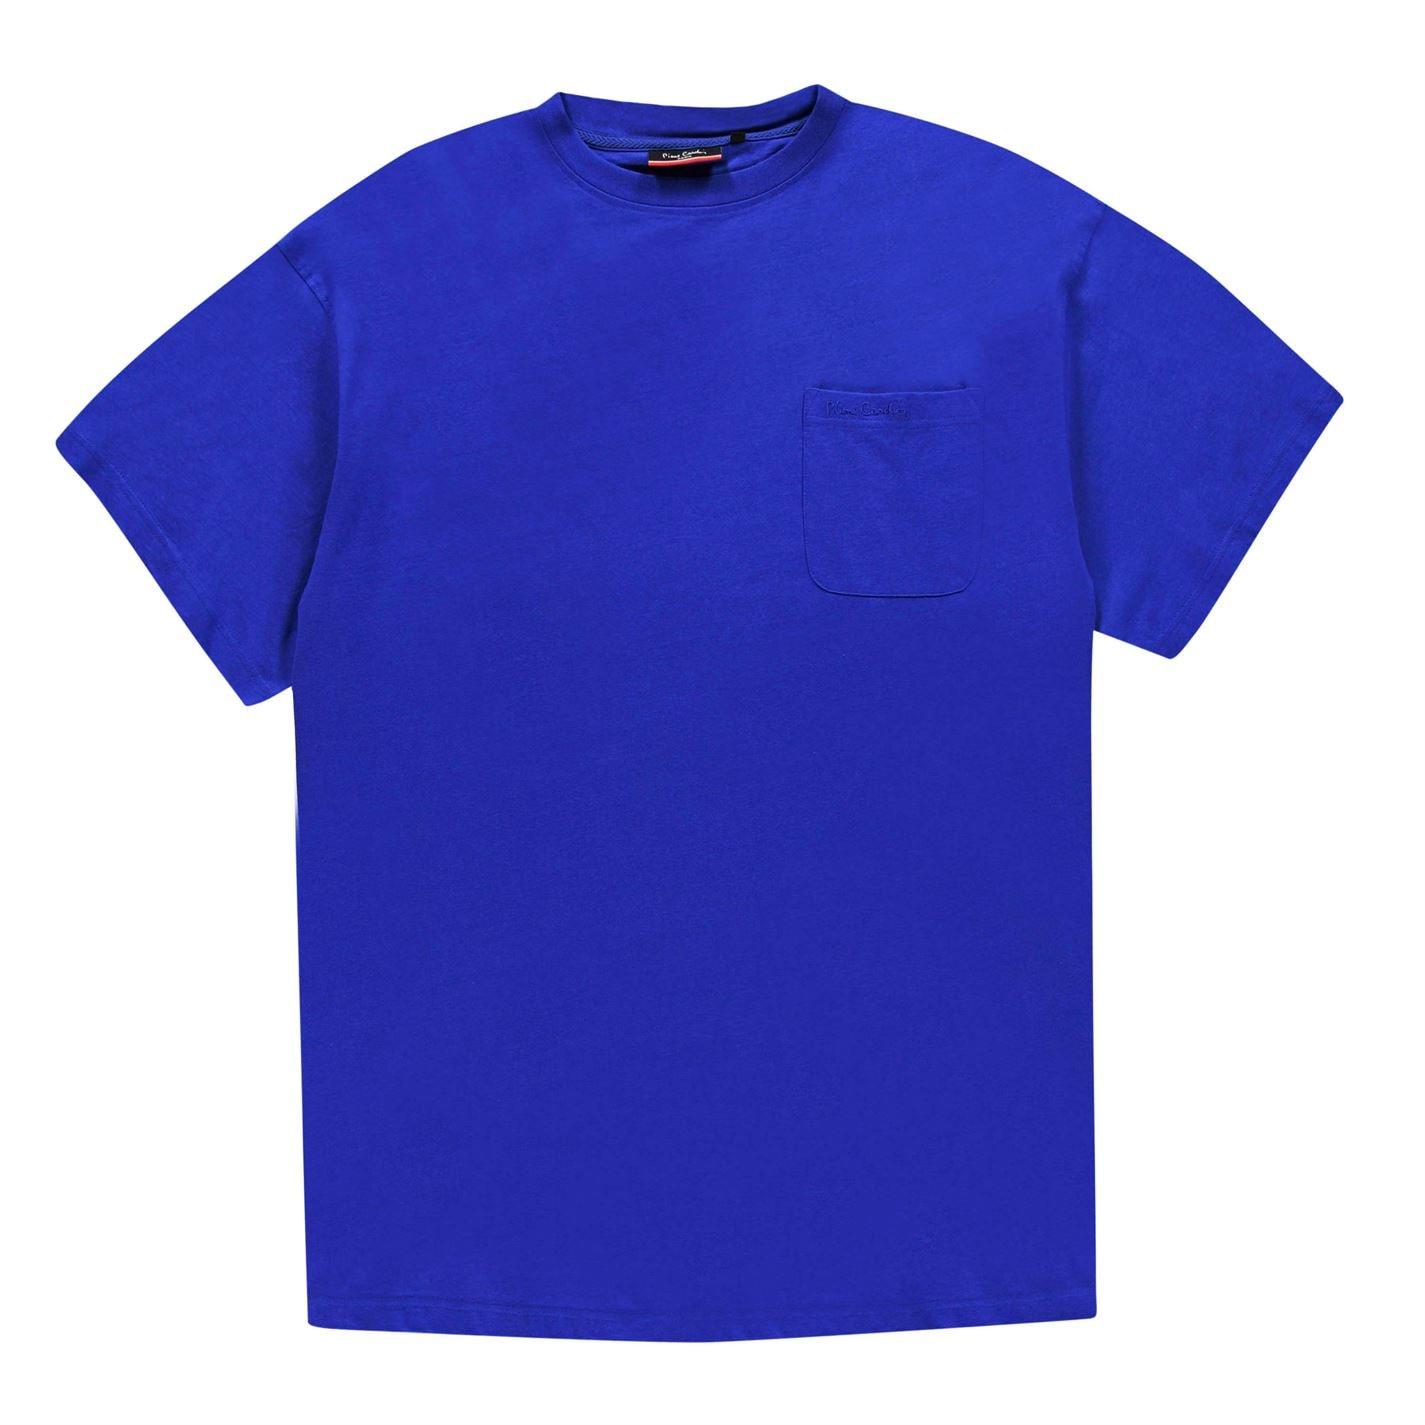 Tricou Pierre Cardin Extra Large Single cu buzunar pentru Barbati albastru roial